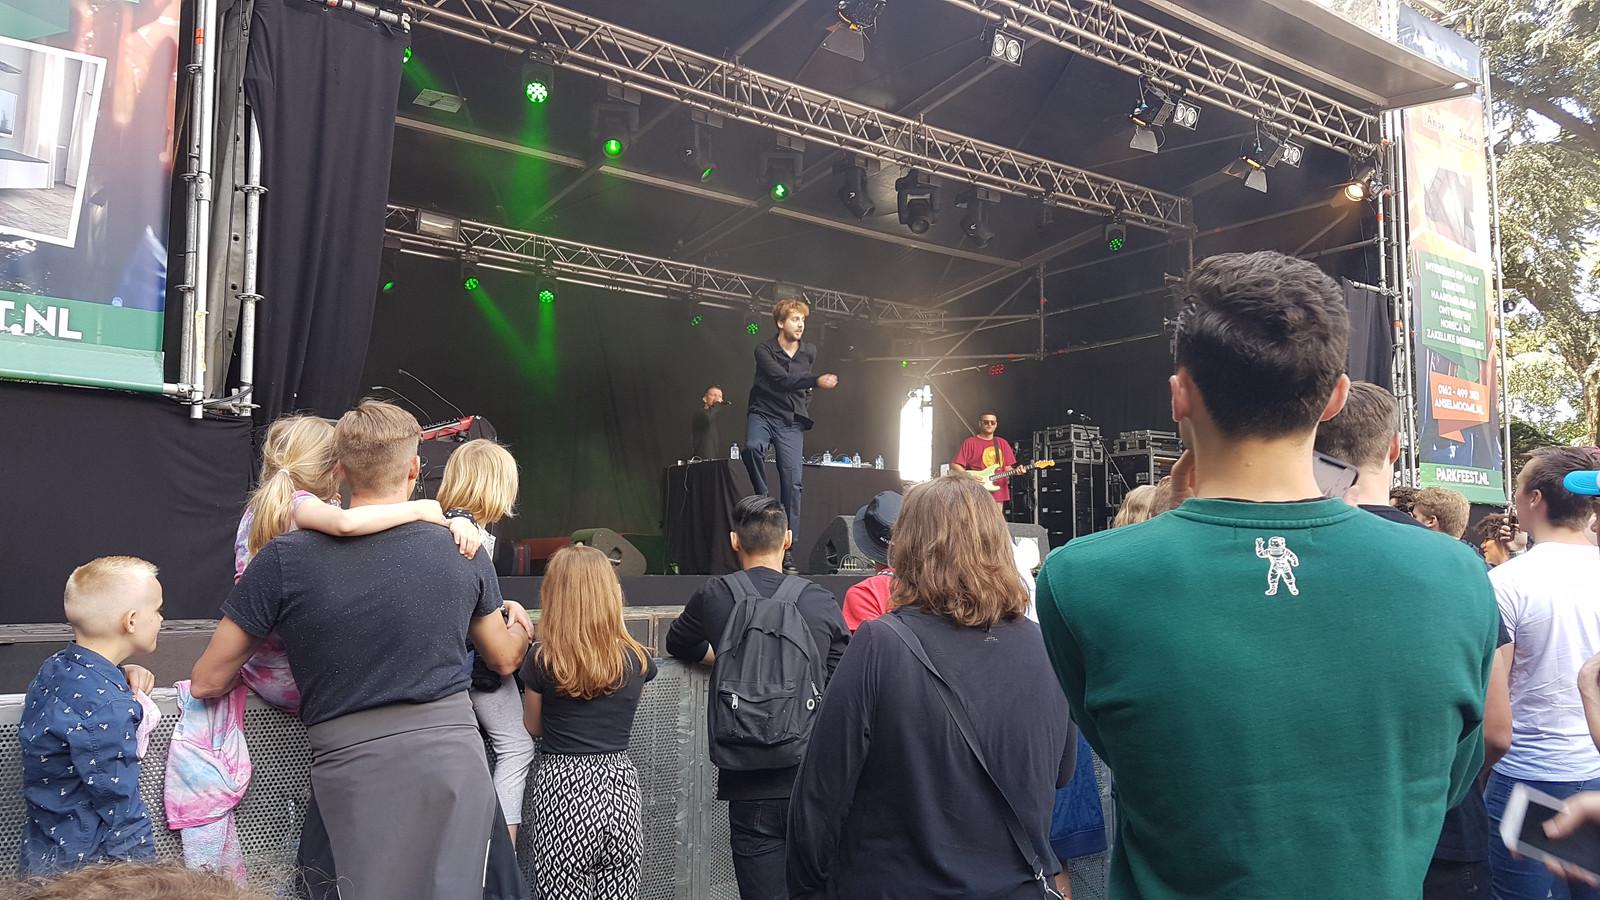 Ares voor een uitzinnig springerig publiek op Parkfeest Oosterhout.